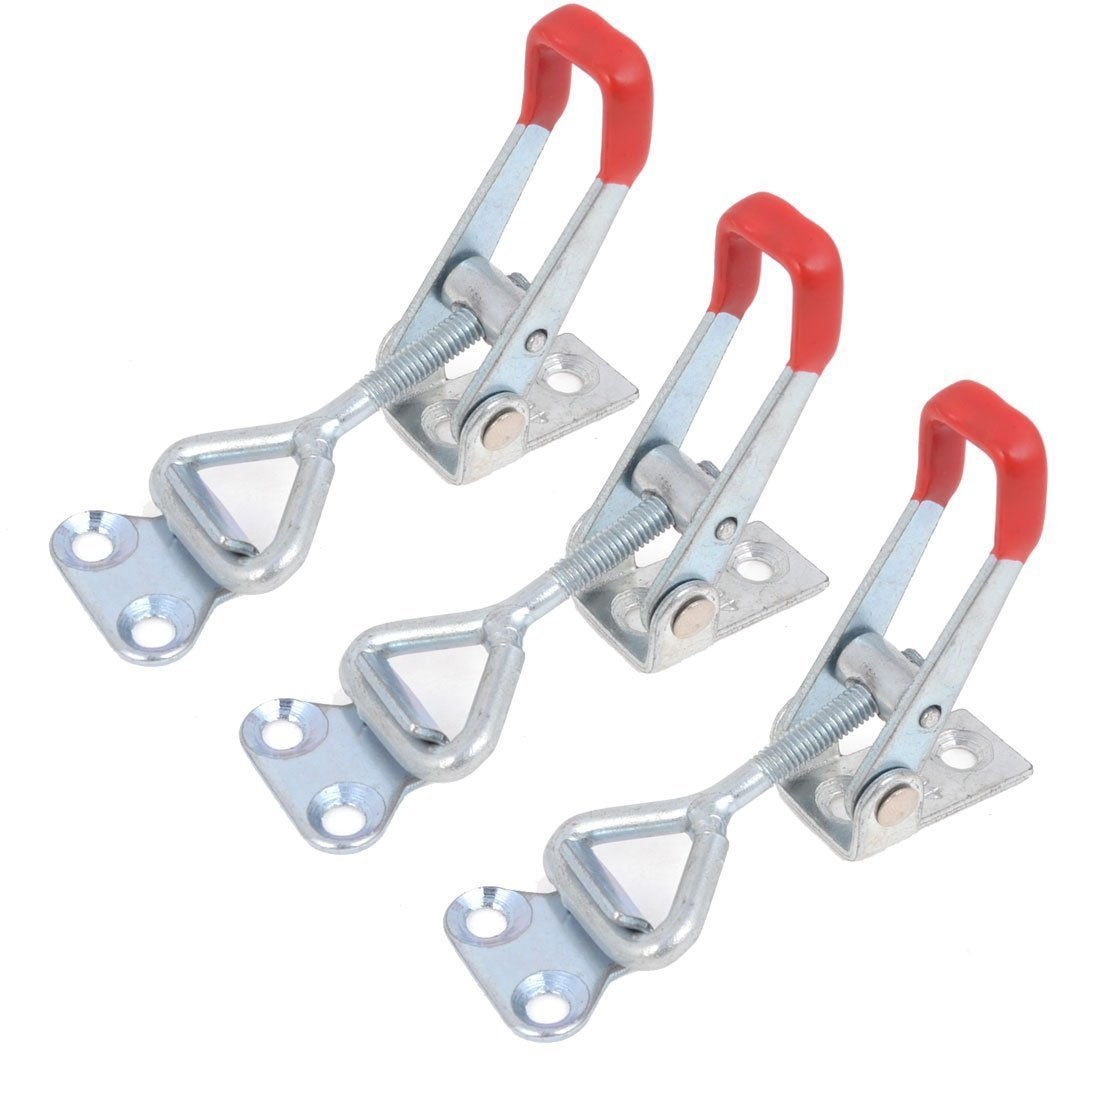 Pince a bascule - SODIAL(R) 4001 100 kg 220lbs capacite de retention bouton de verrouillage de porte pince a bascule 3 pcs